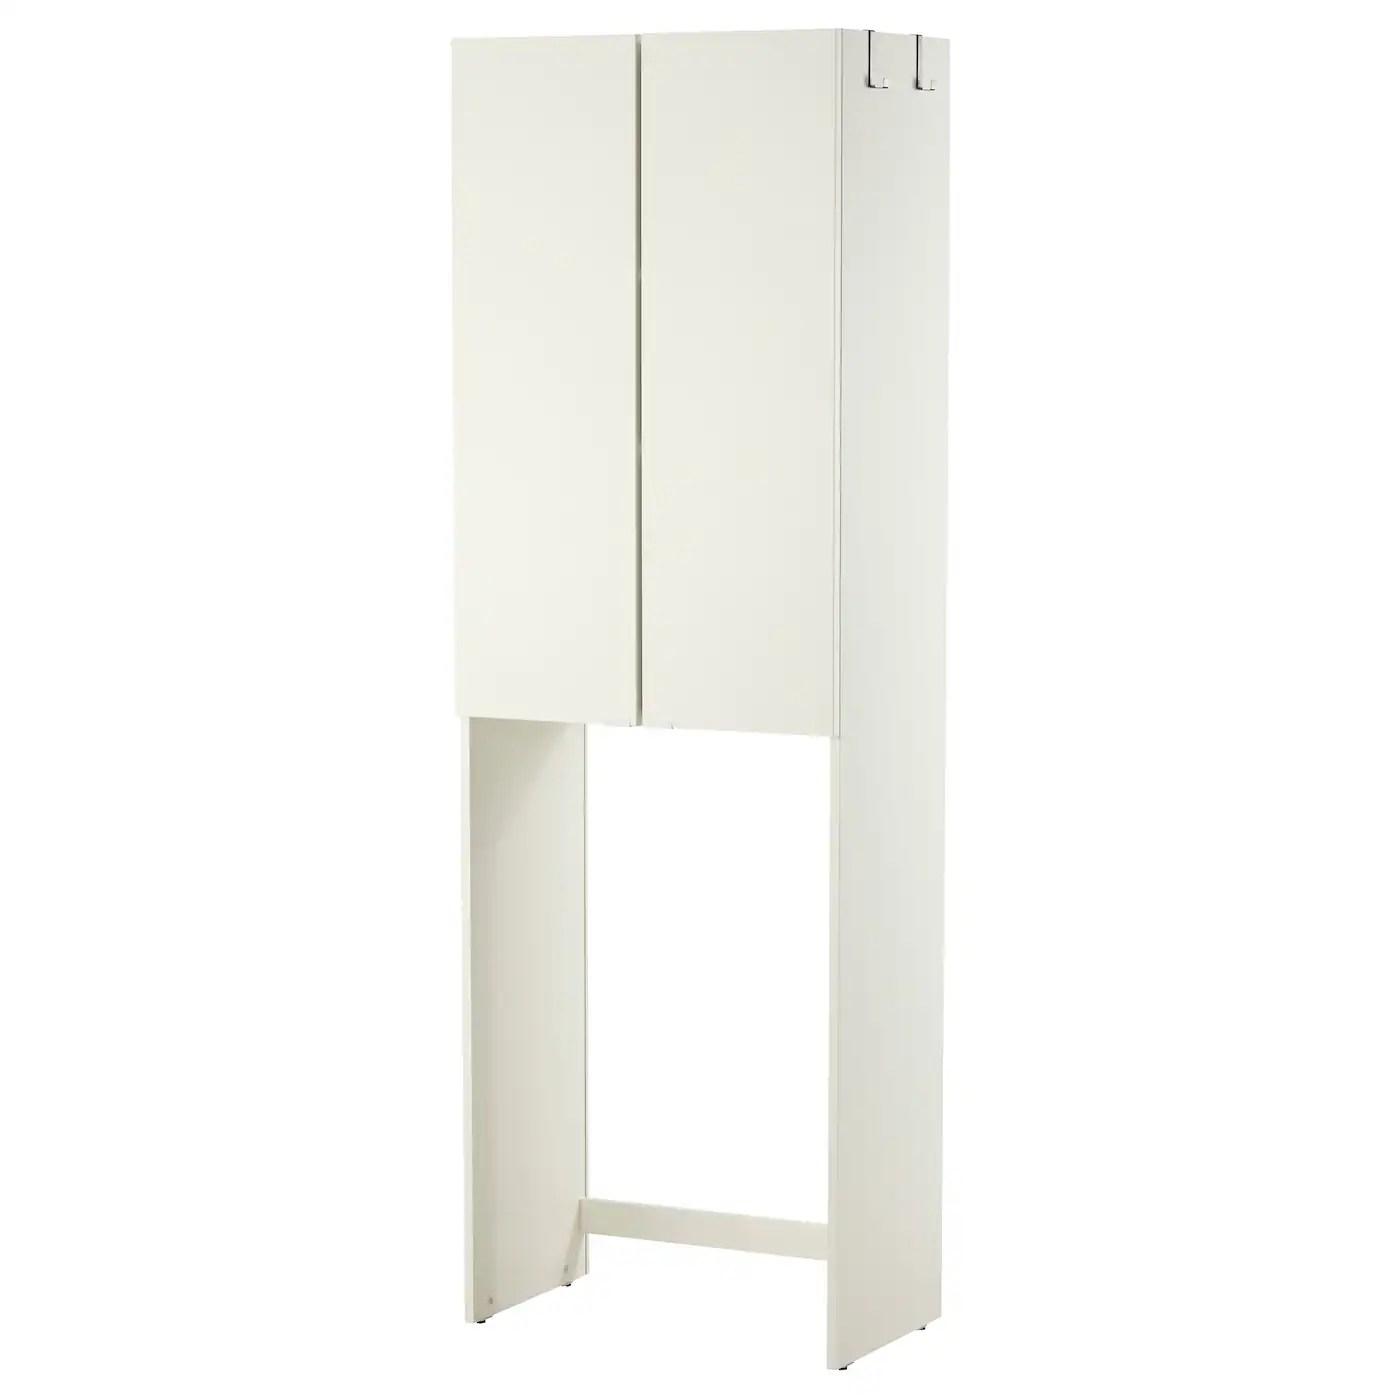 lillangen meuble pour machine a laver blanc 64x38x195 cm